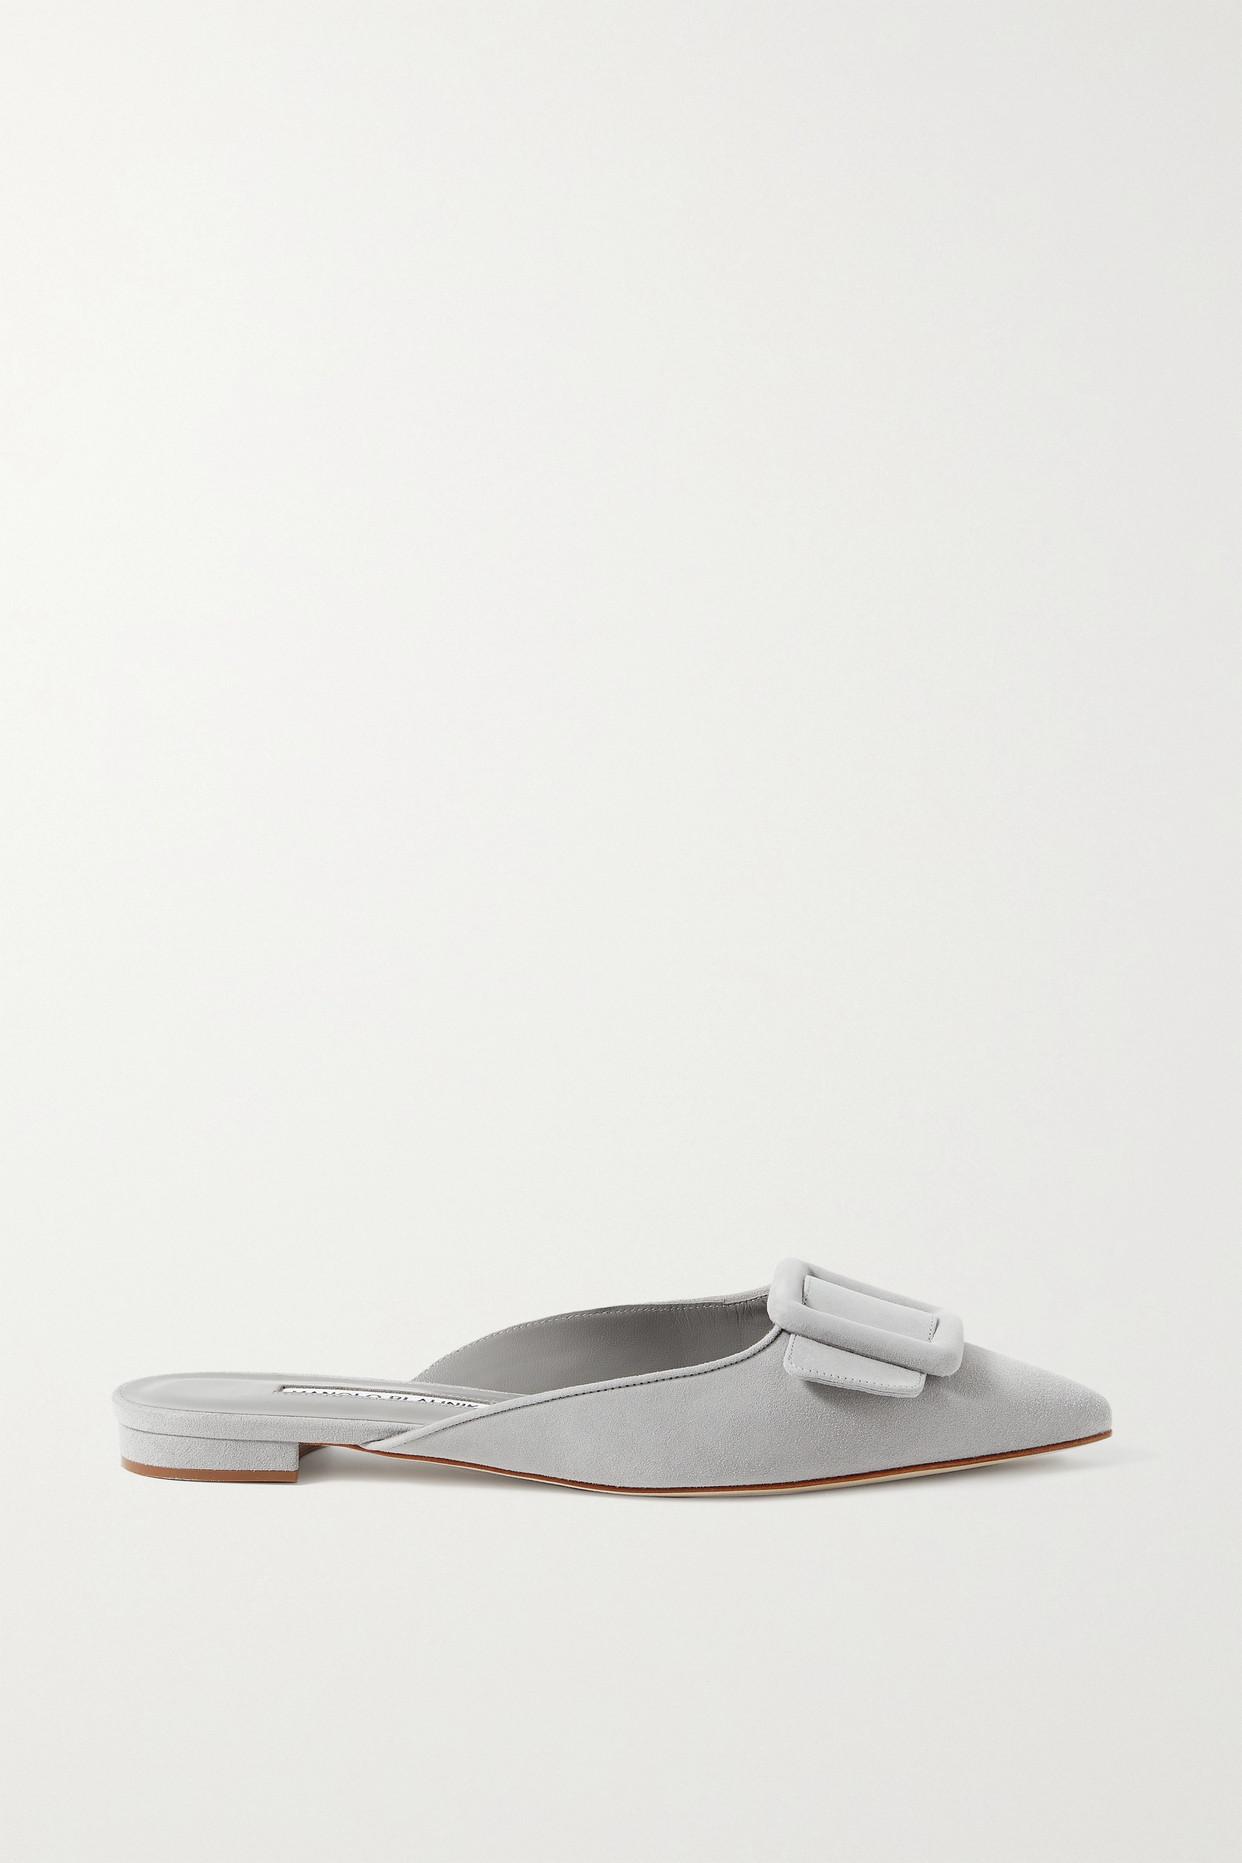 MANOLO BLAHNIK - Maysale 搭扣绒面革尖头平底鞋 - 灰色 - IT37.5